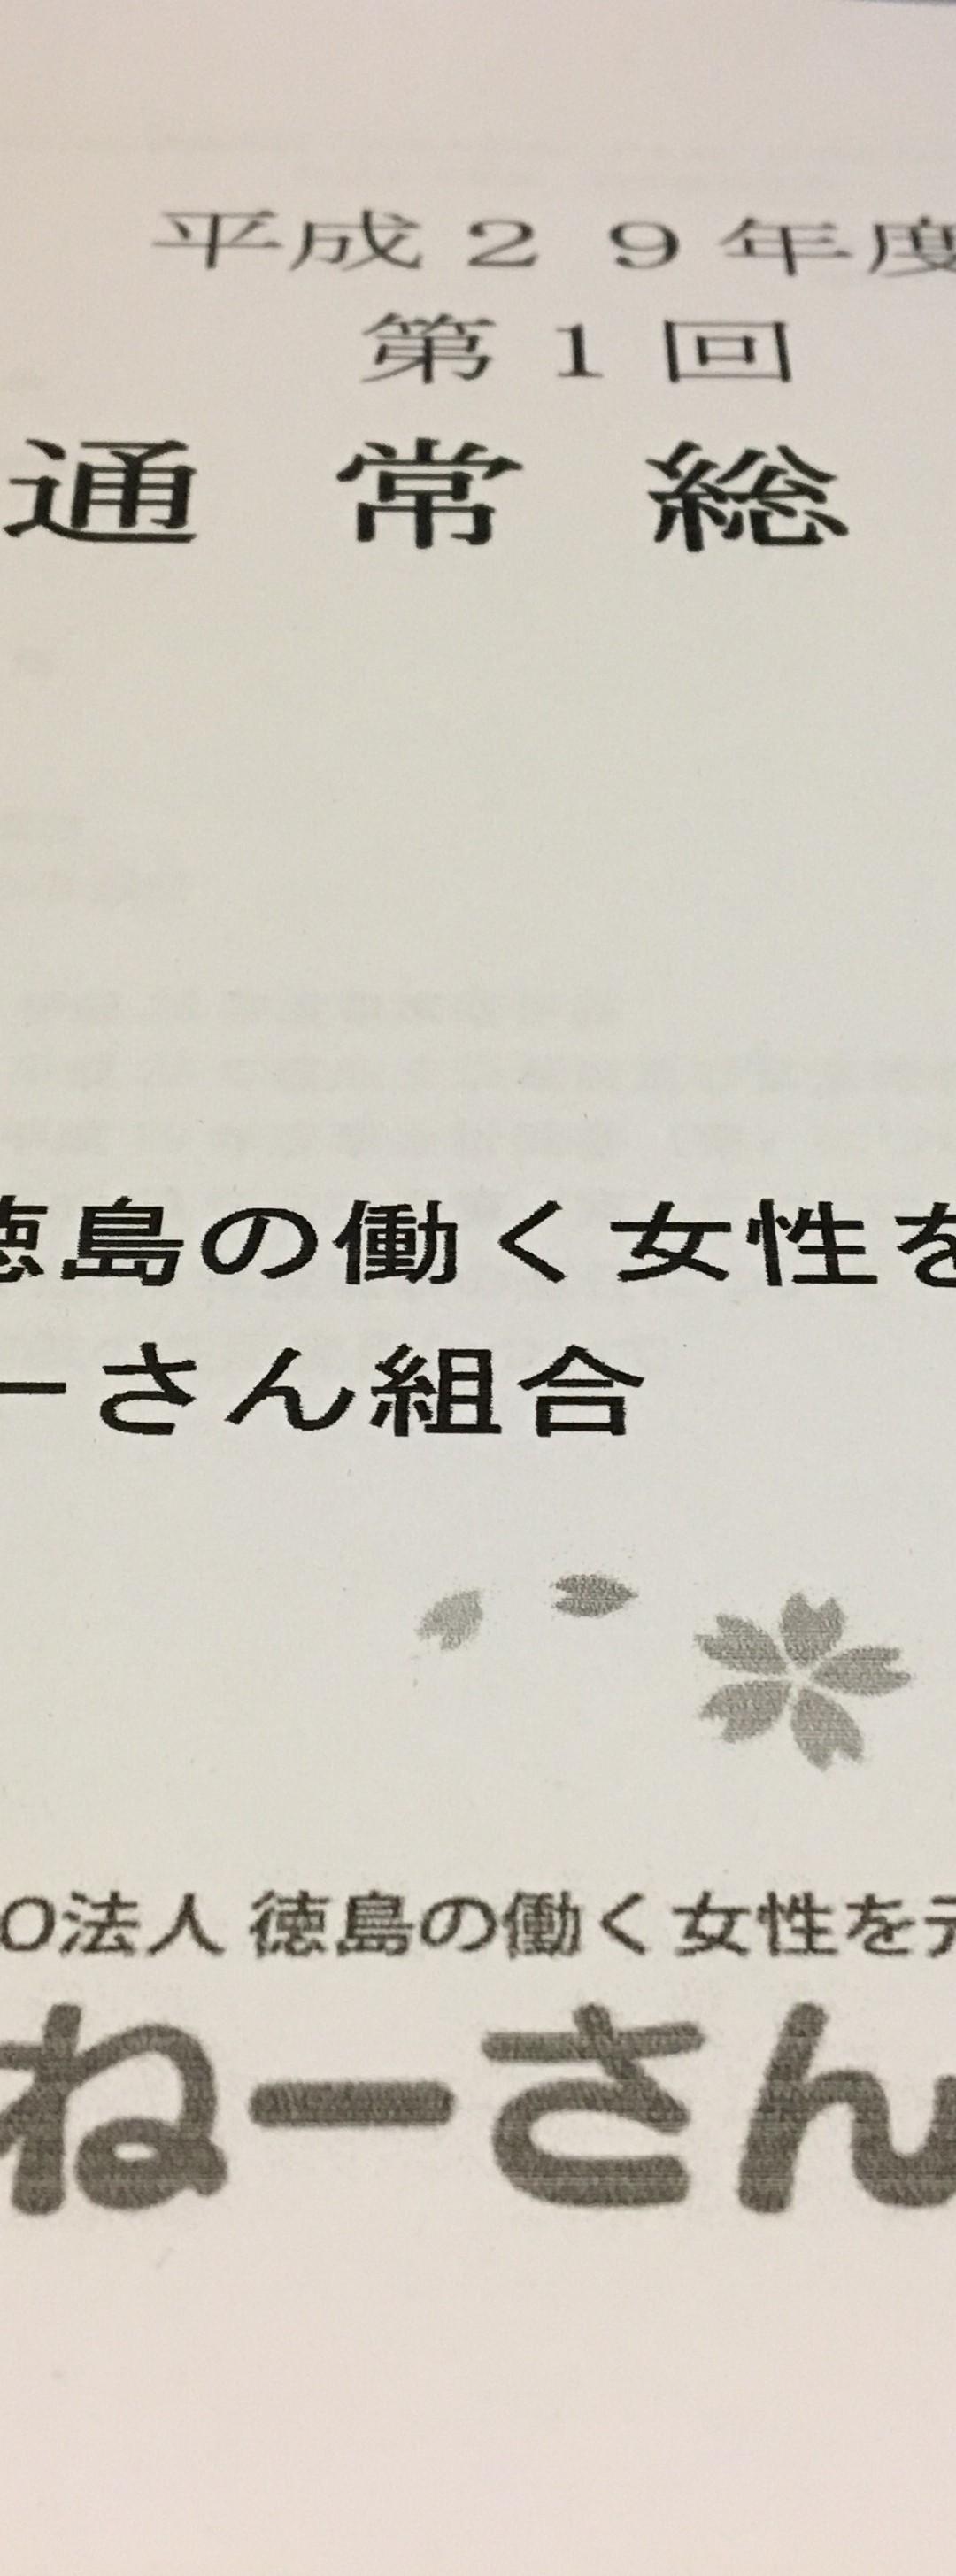 平成29年度通常総会